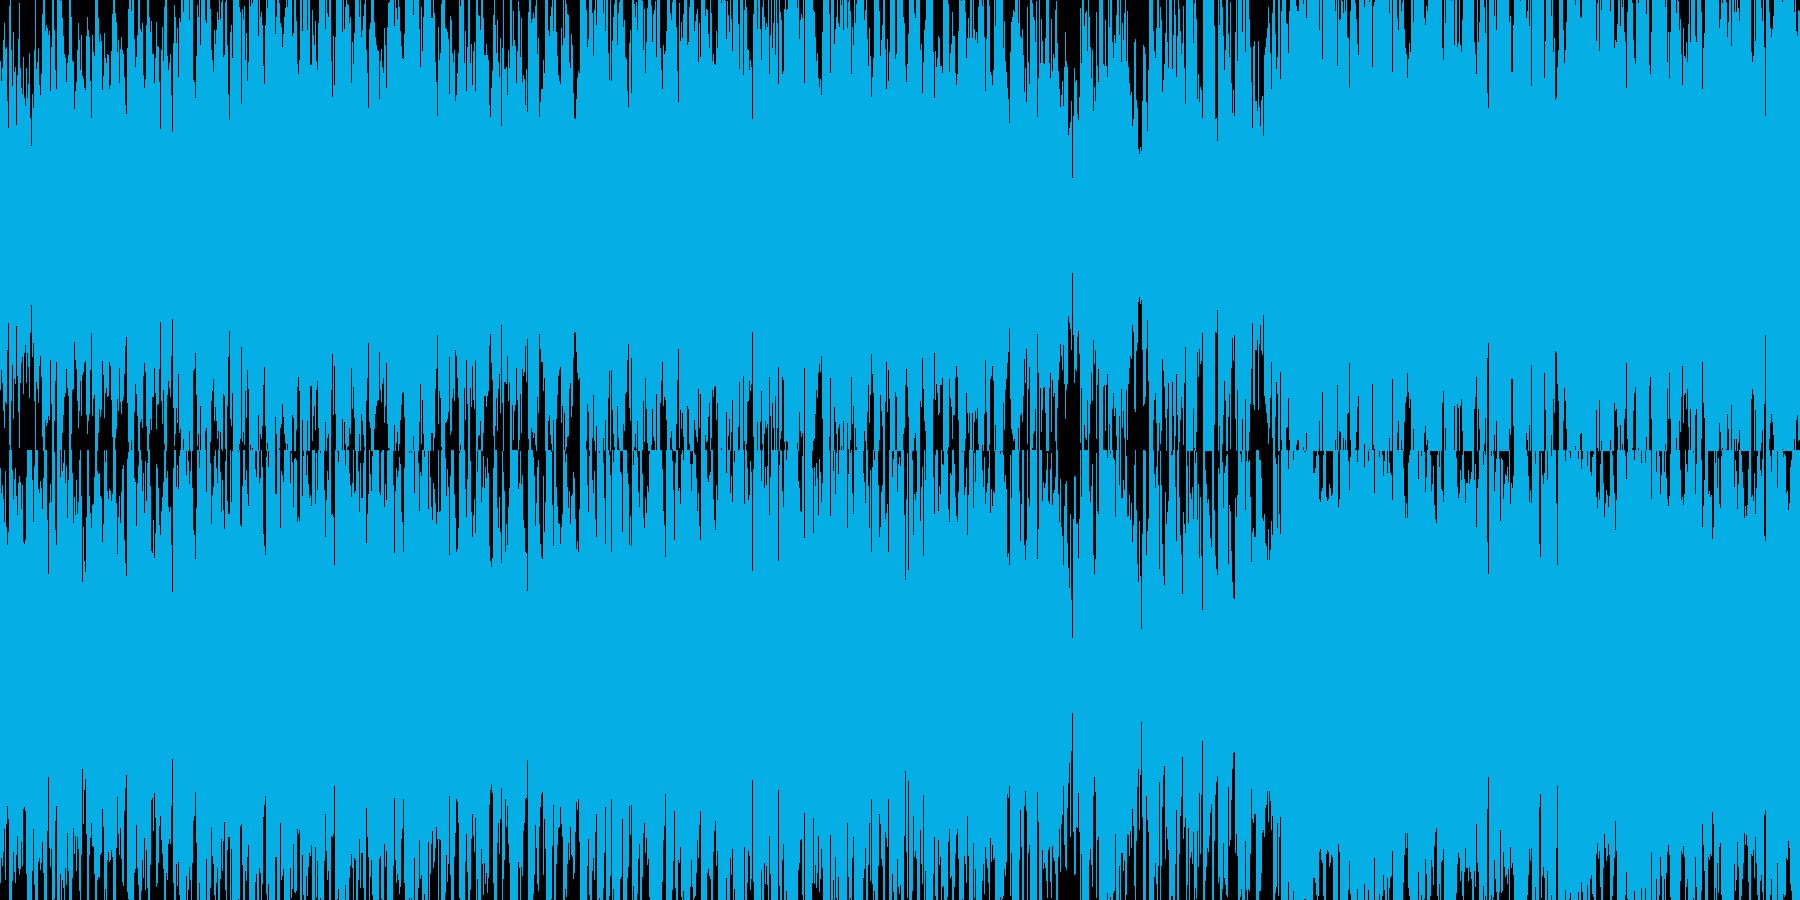 民族楽器を使った陽気なBGMの再生済みの波形